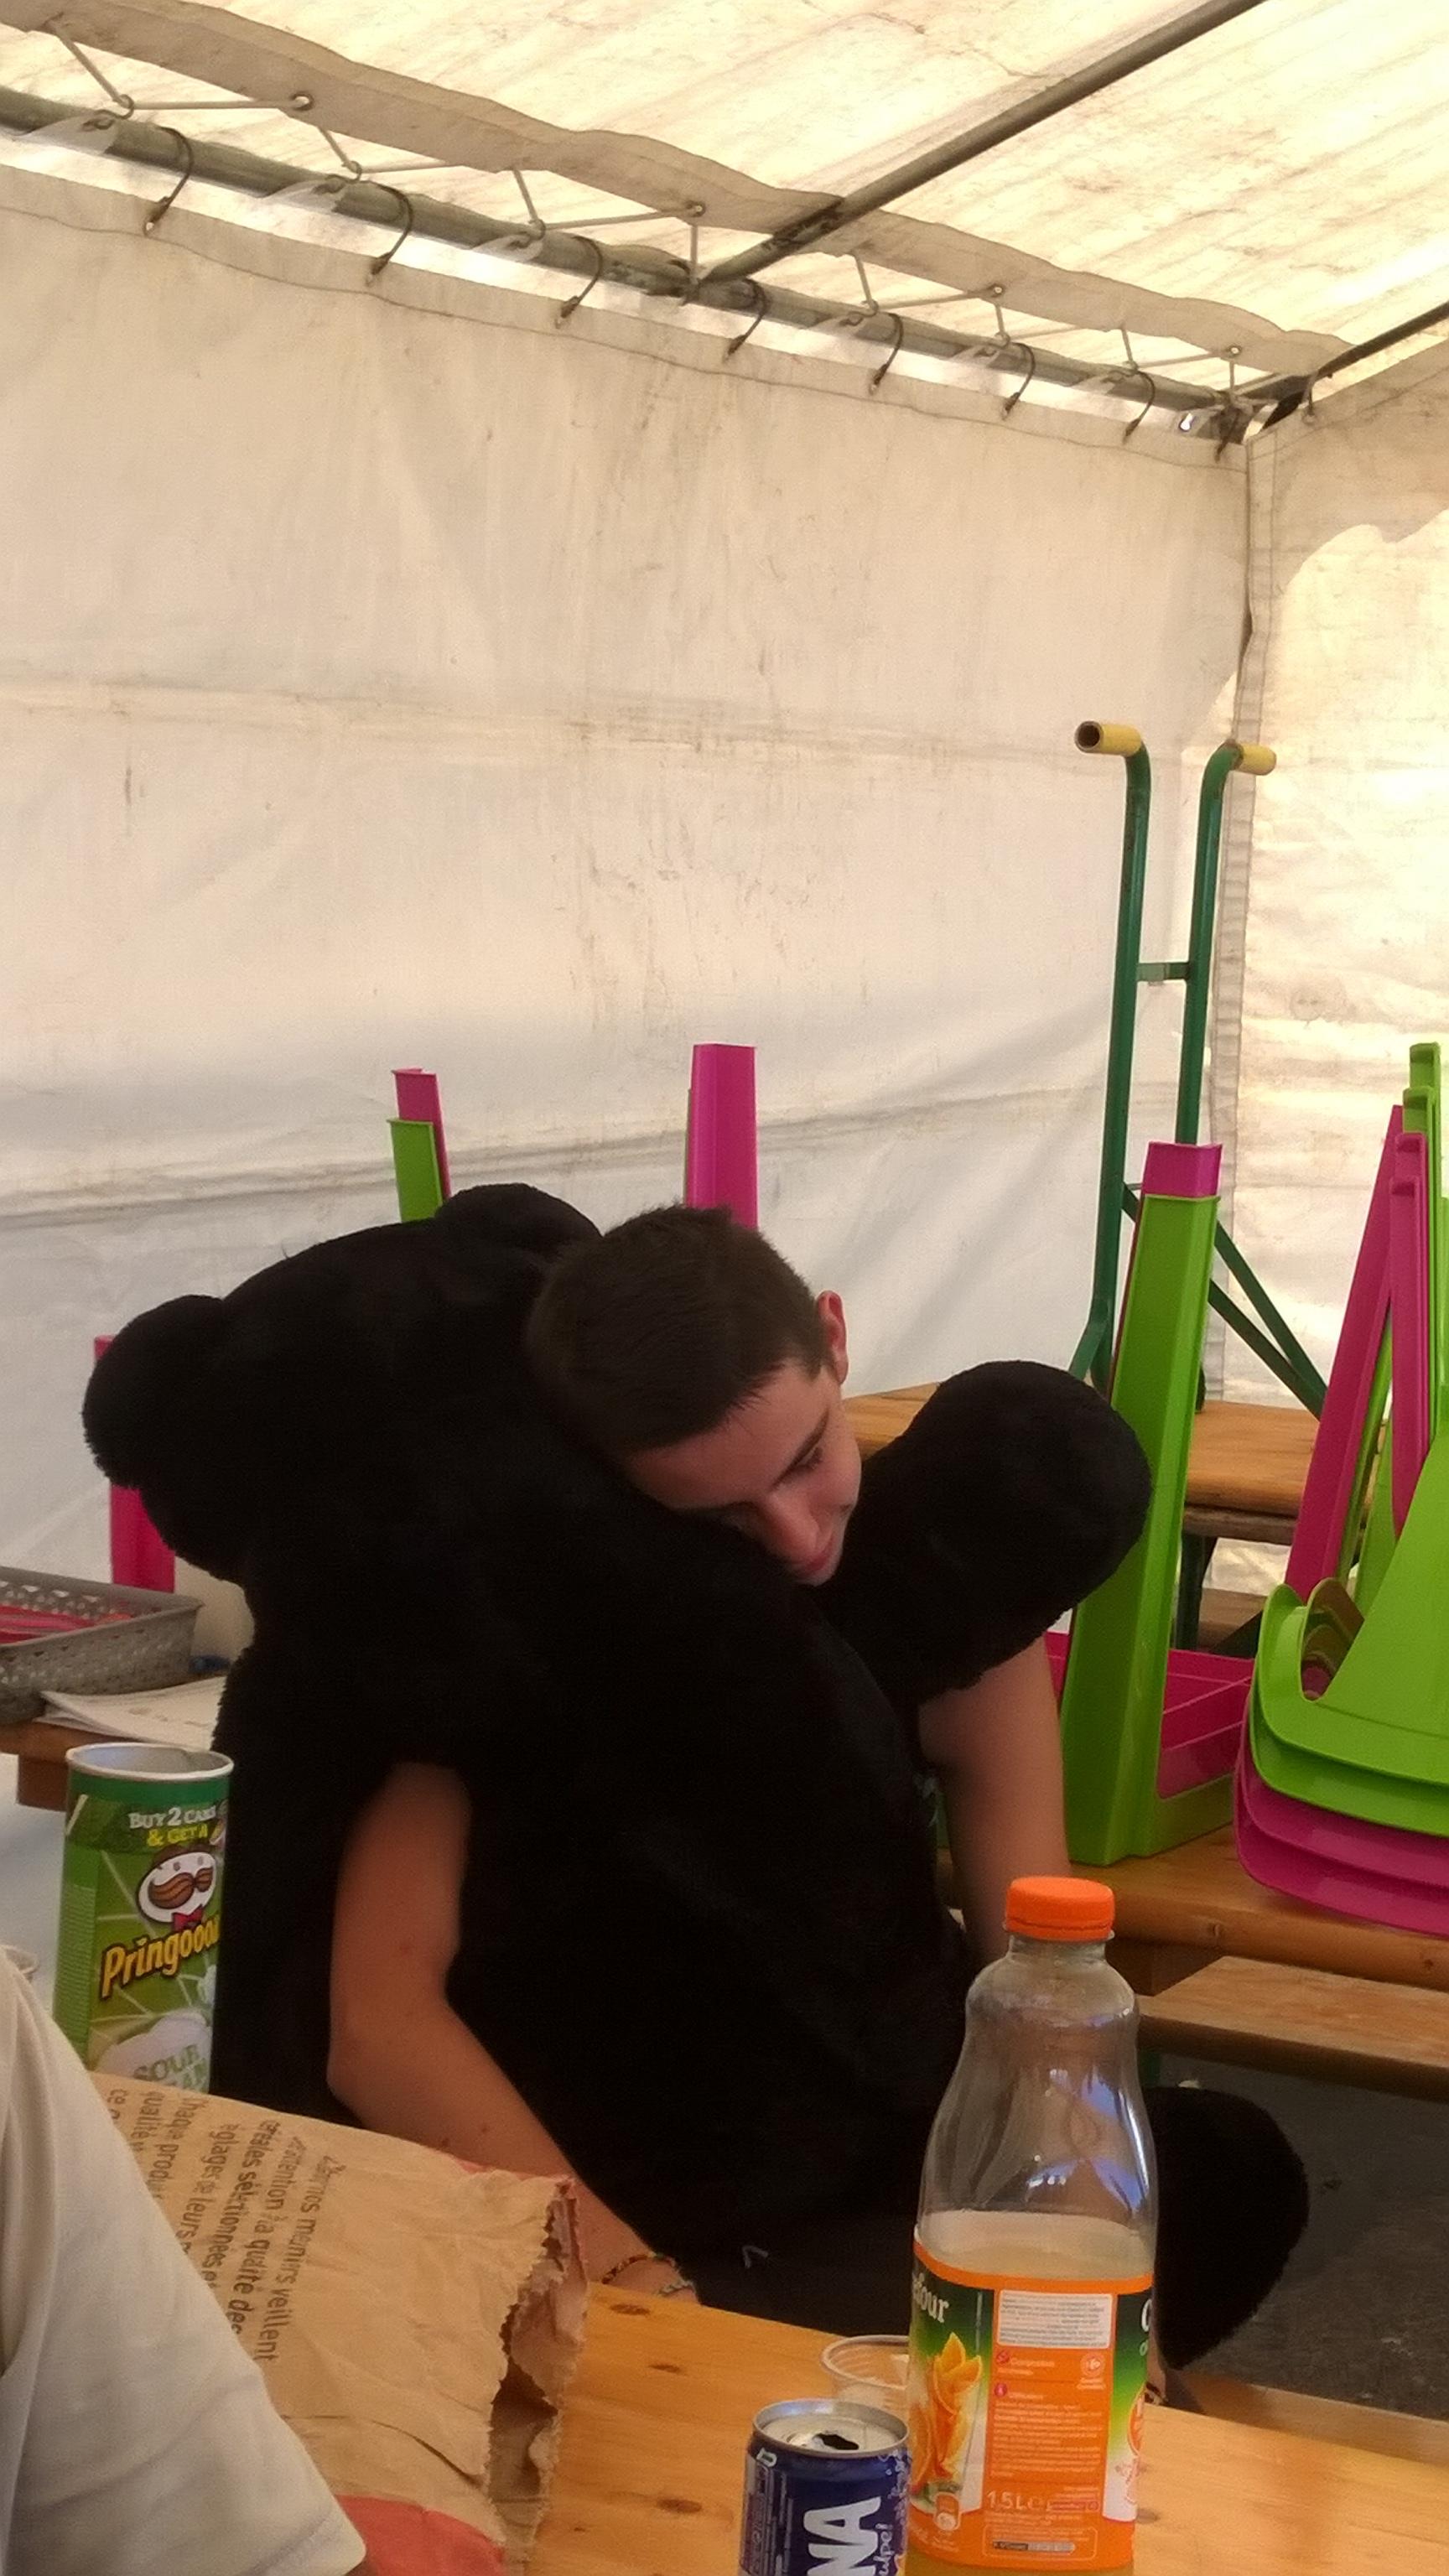 Notre jeune ami fatigué avec Kérity le gros nounours de la bibliothèque